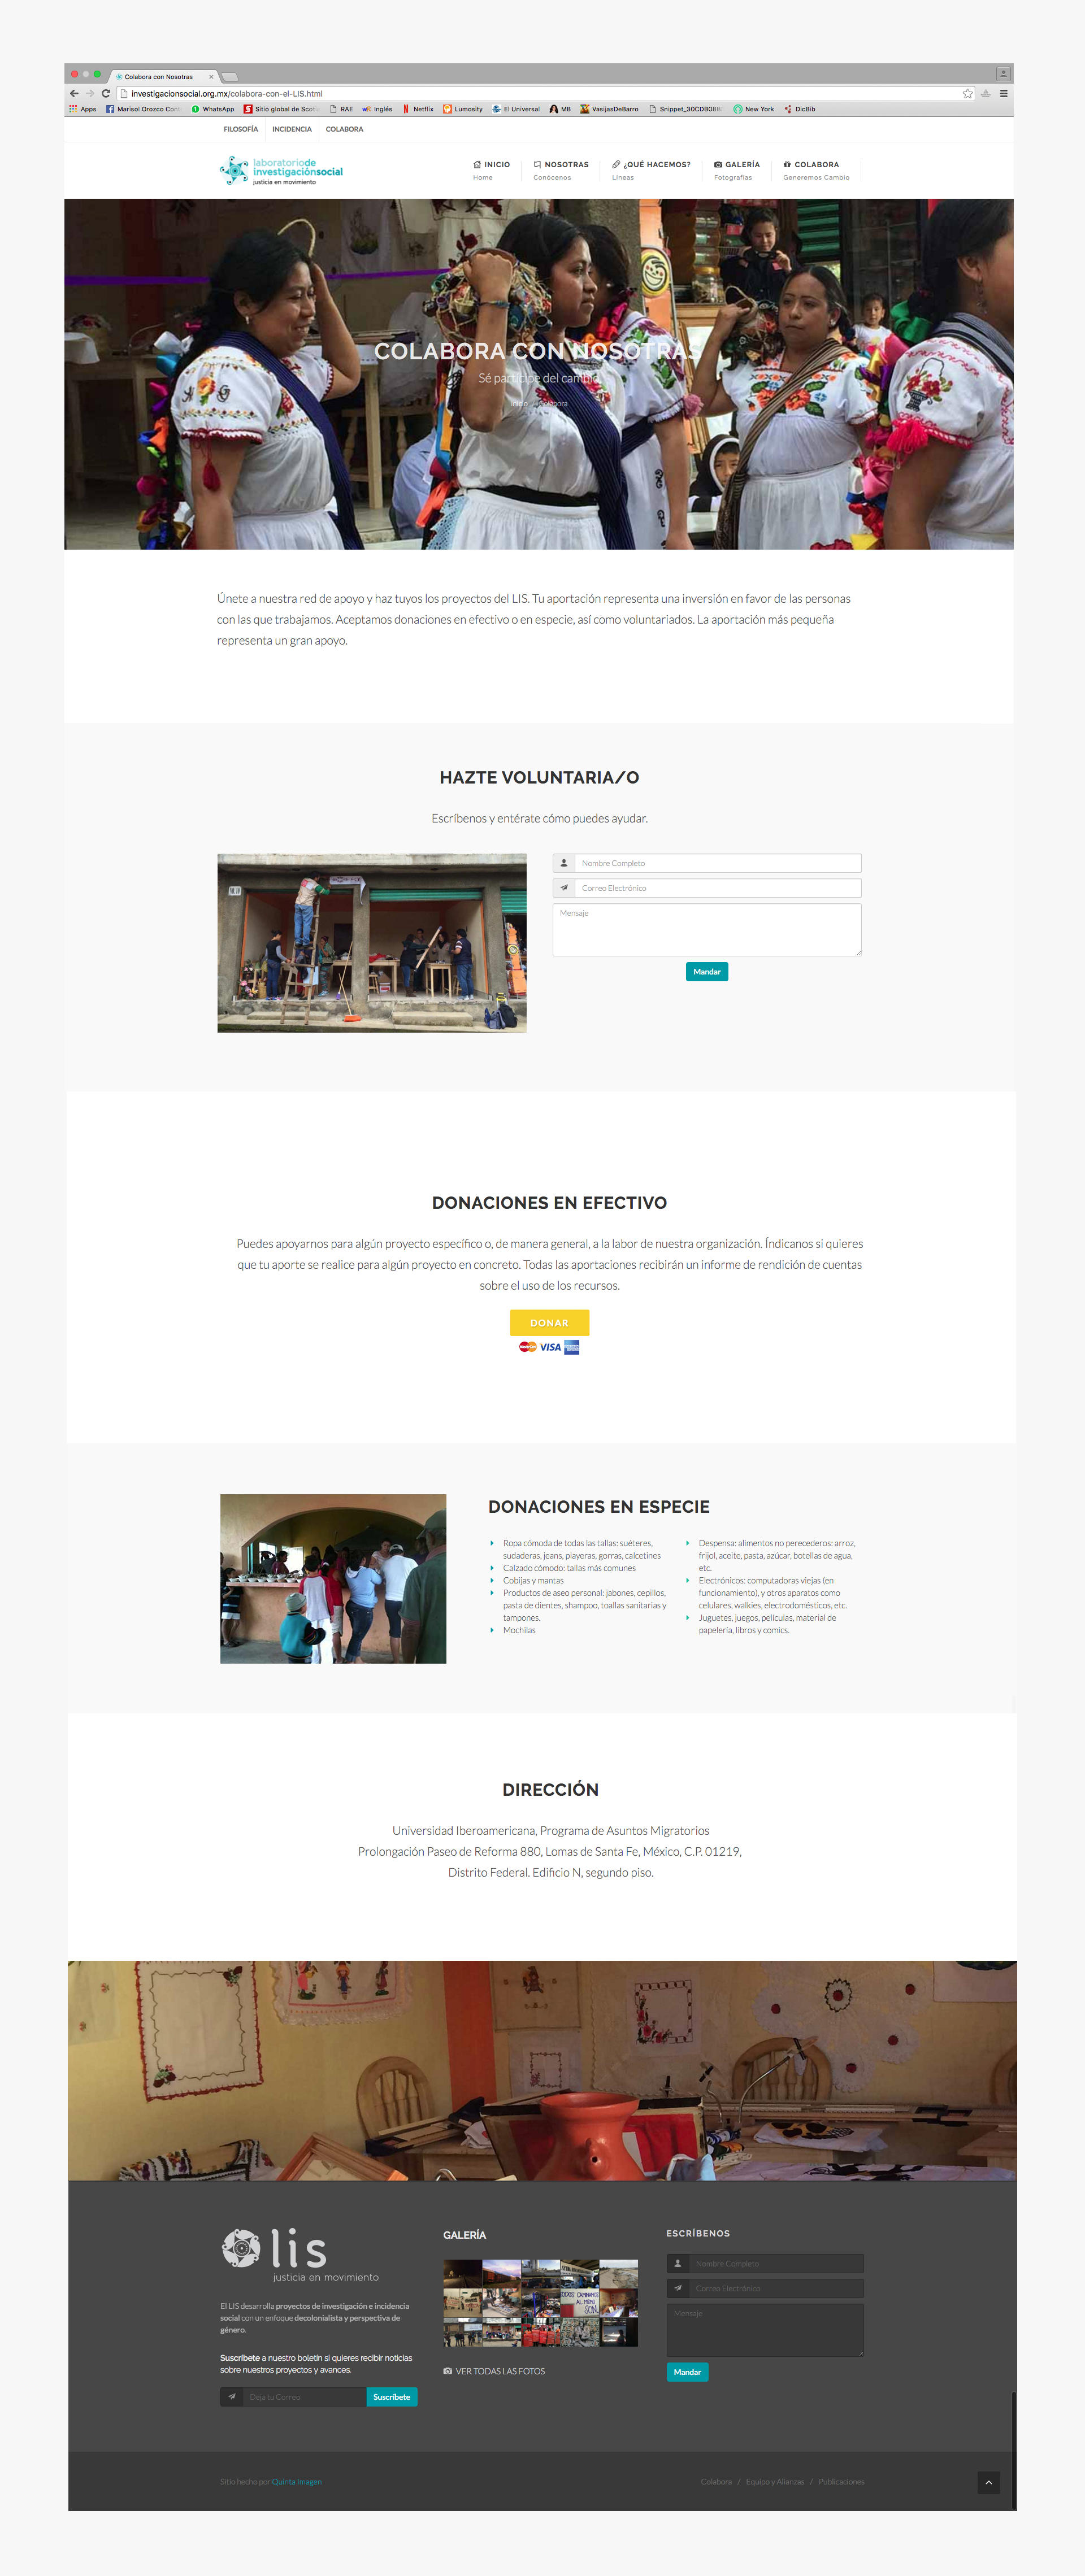 pagina de colabora del sitio web de LIS investigacion social